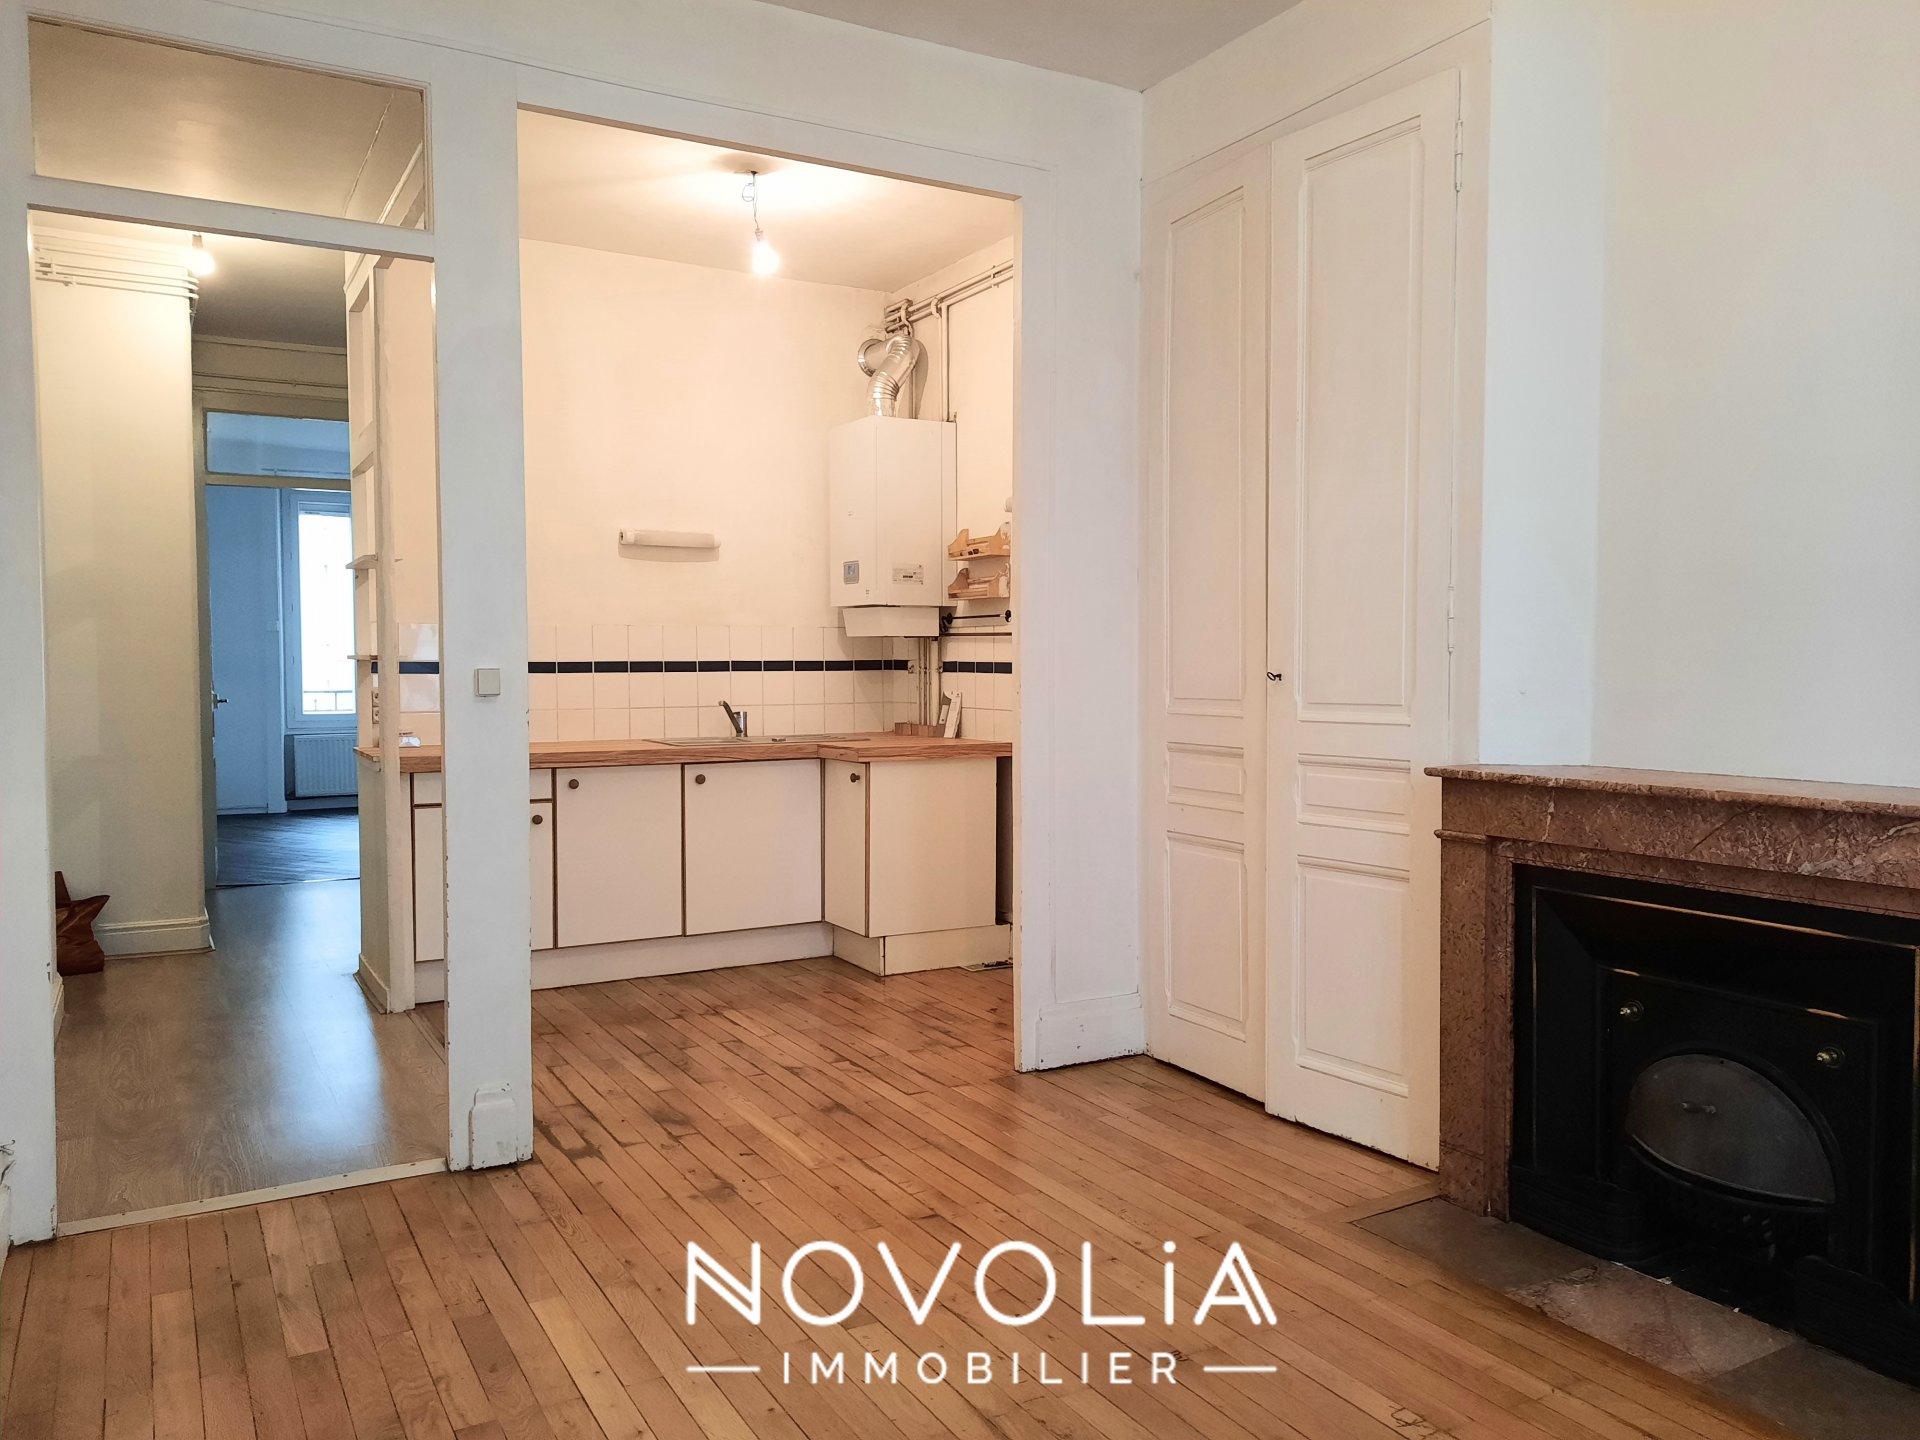 Achat Appartement Surface de 42.77 m²/ Total carrez : 42 m², 2 pièces, Villeurbanne (69100)